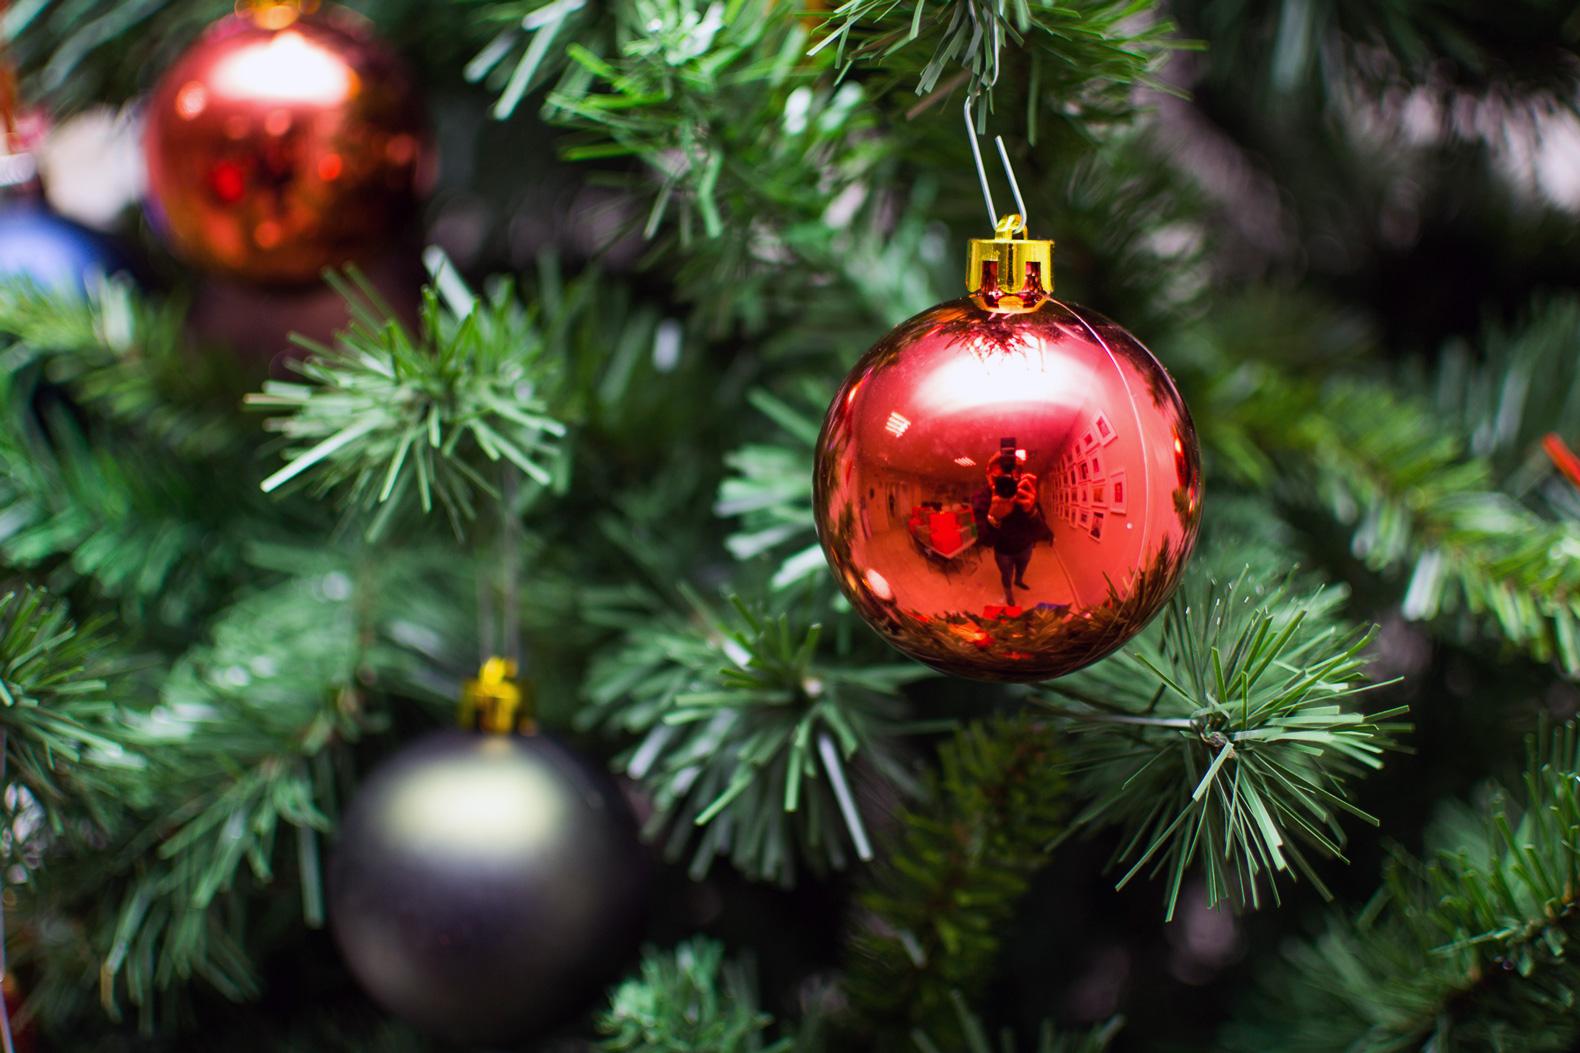 クリスマスツリーと玉